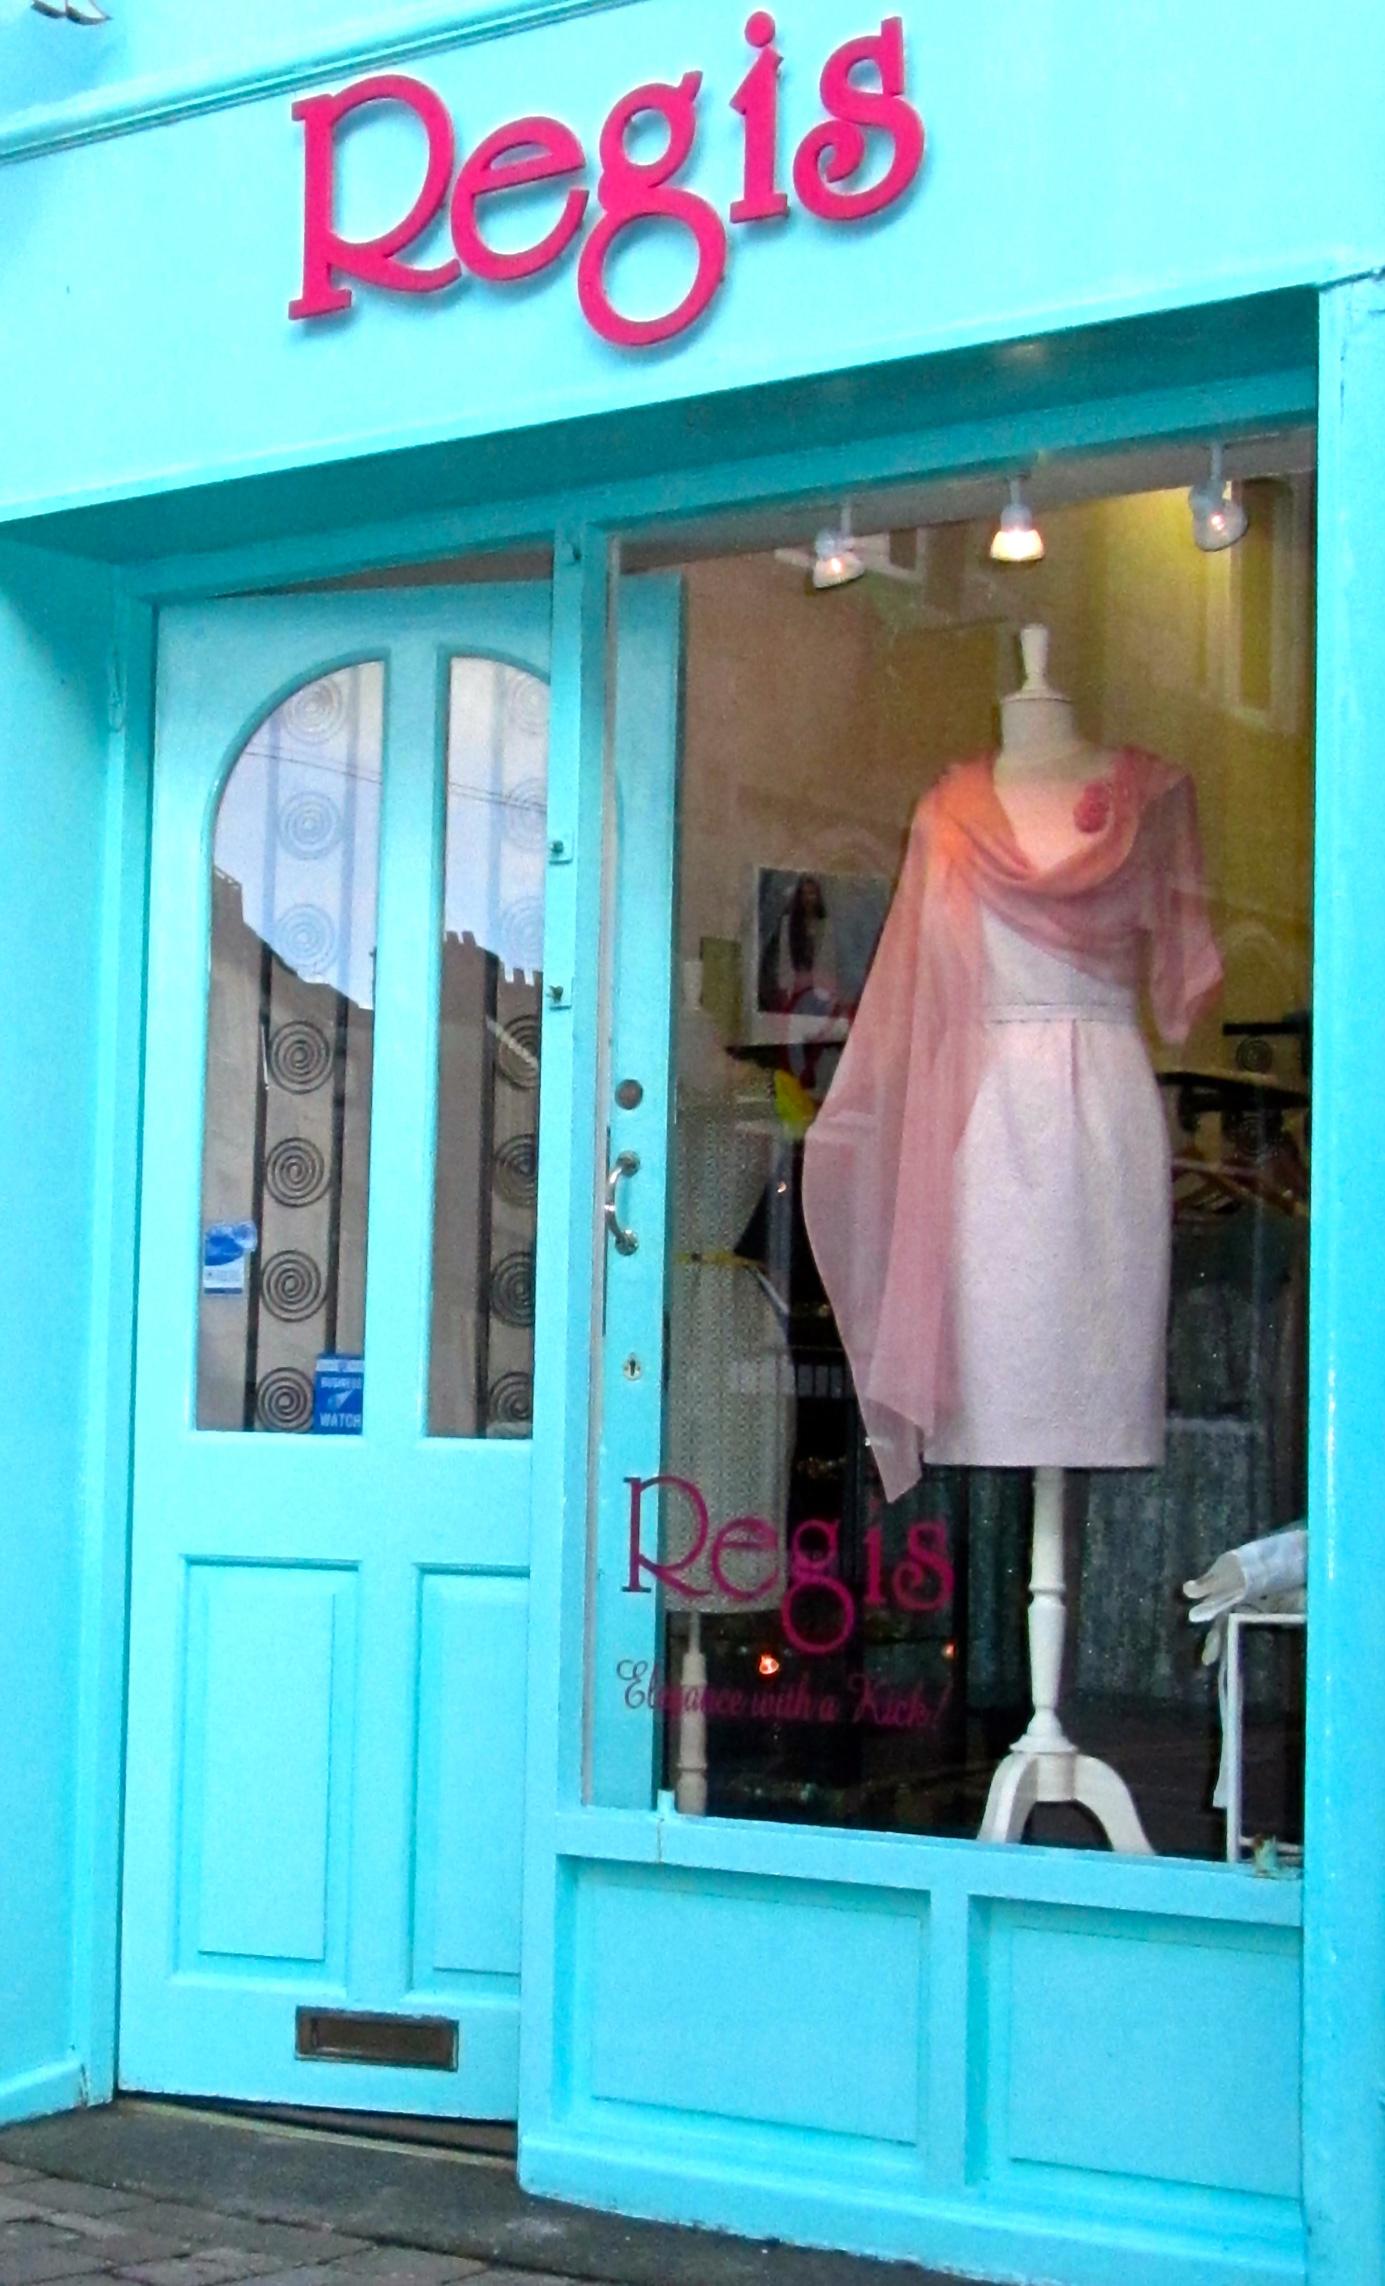 Regis-Window-Display